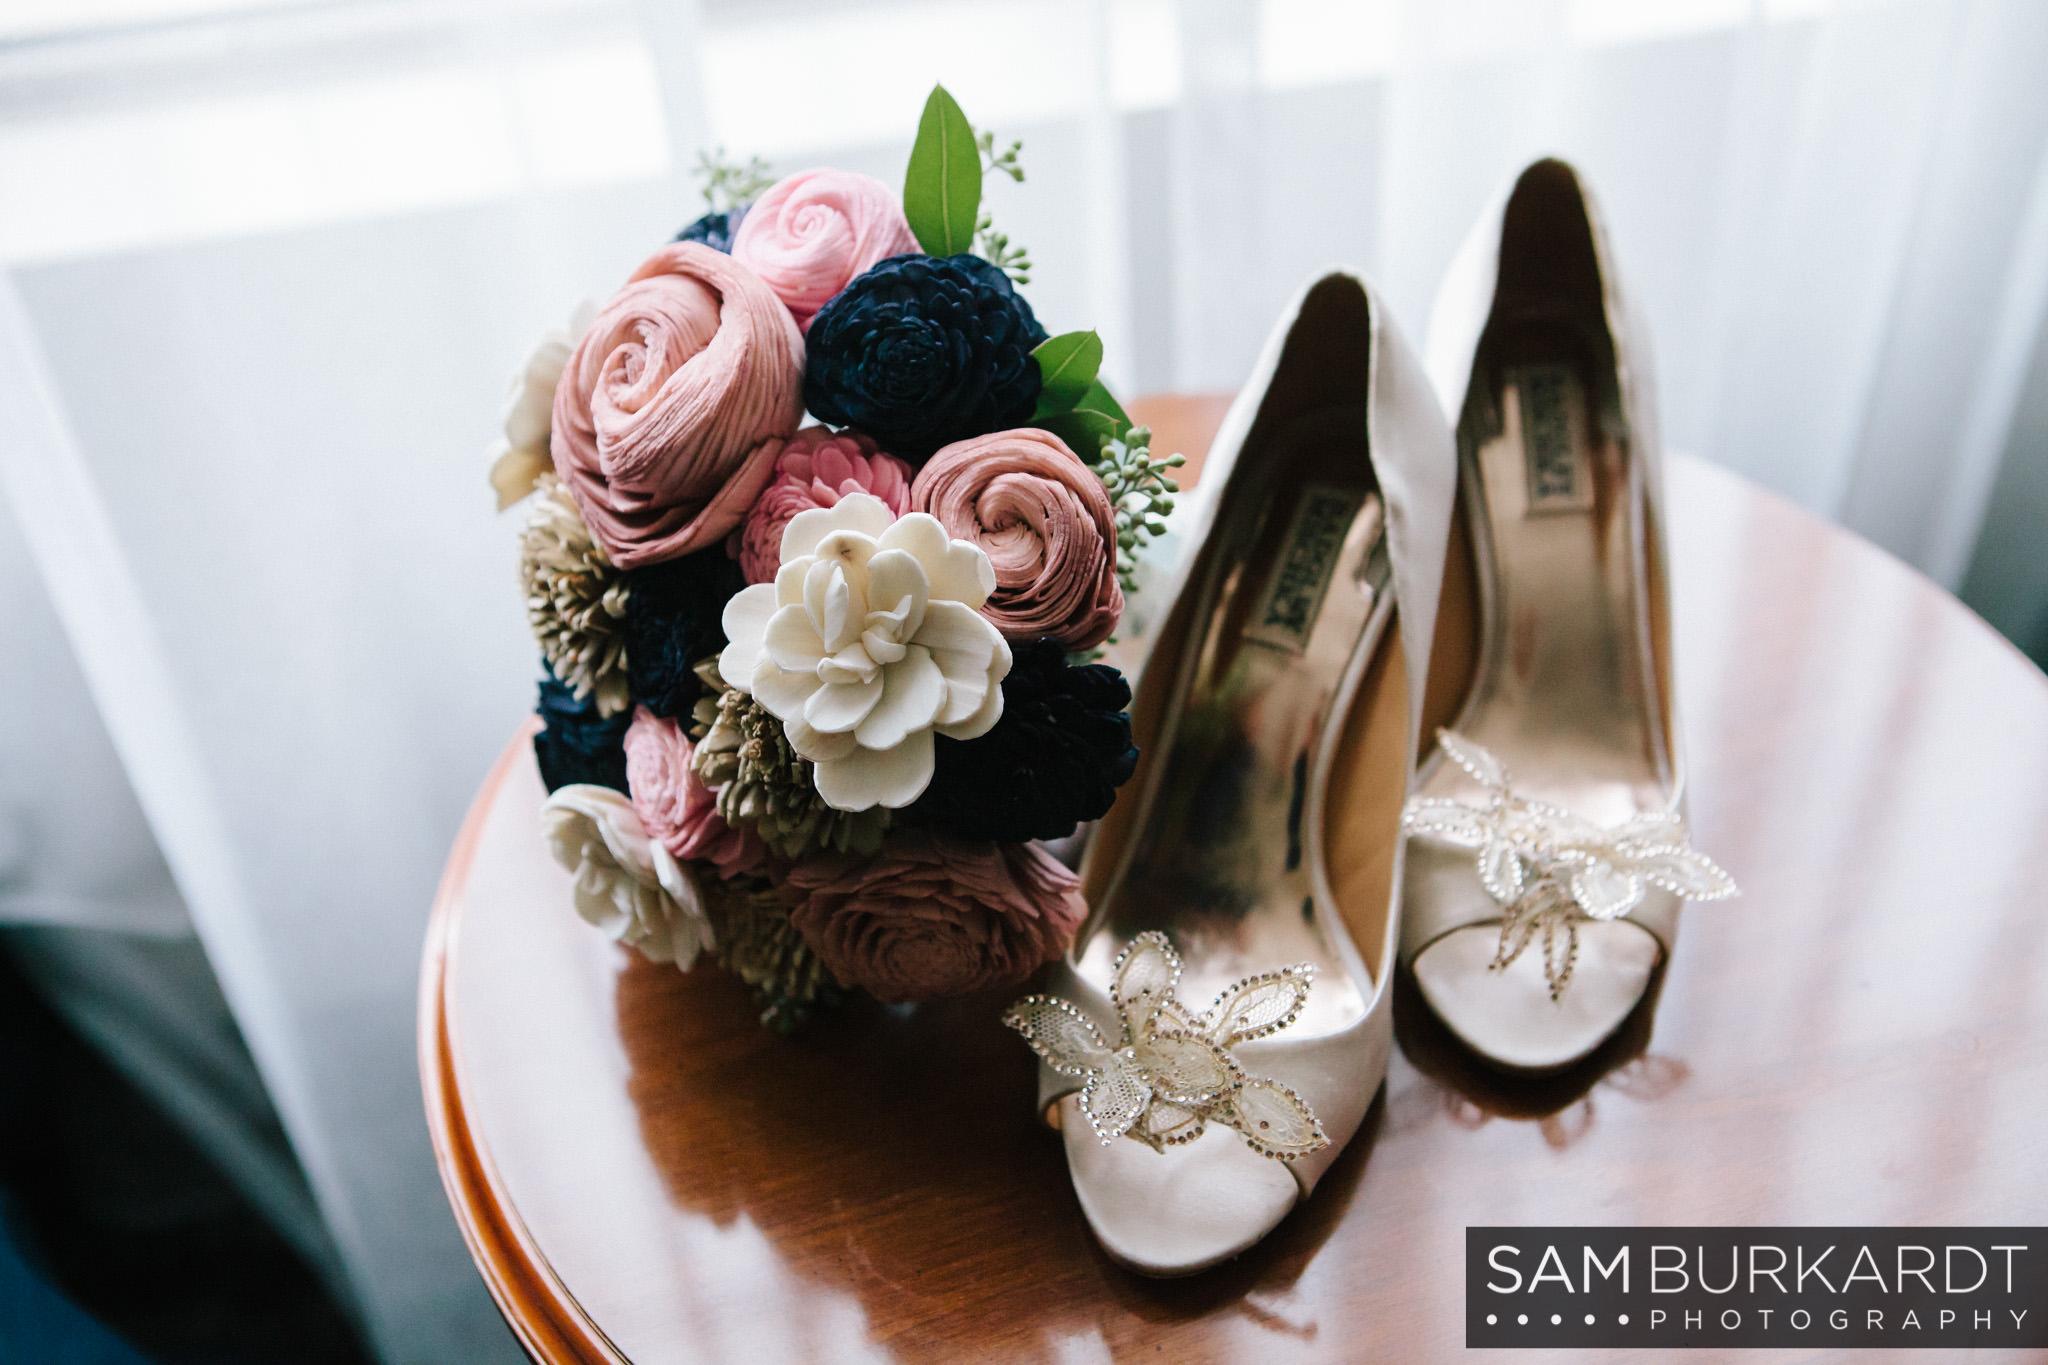 samburkardt_pond_house_hartford_wedding_fall_0013.jpg